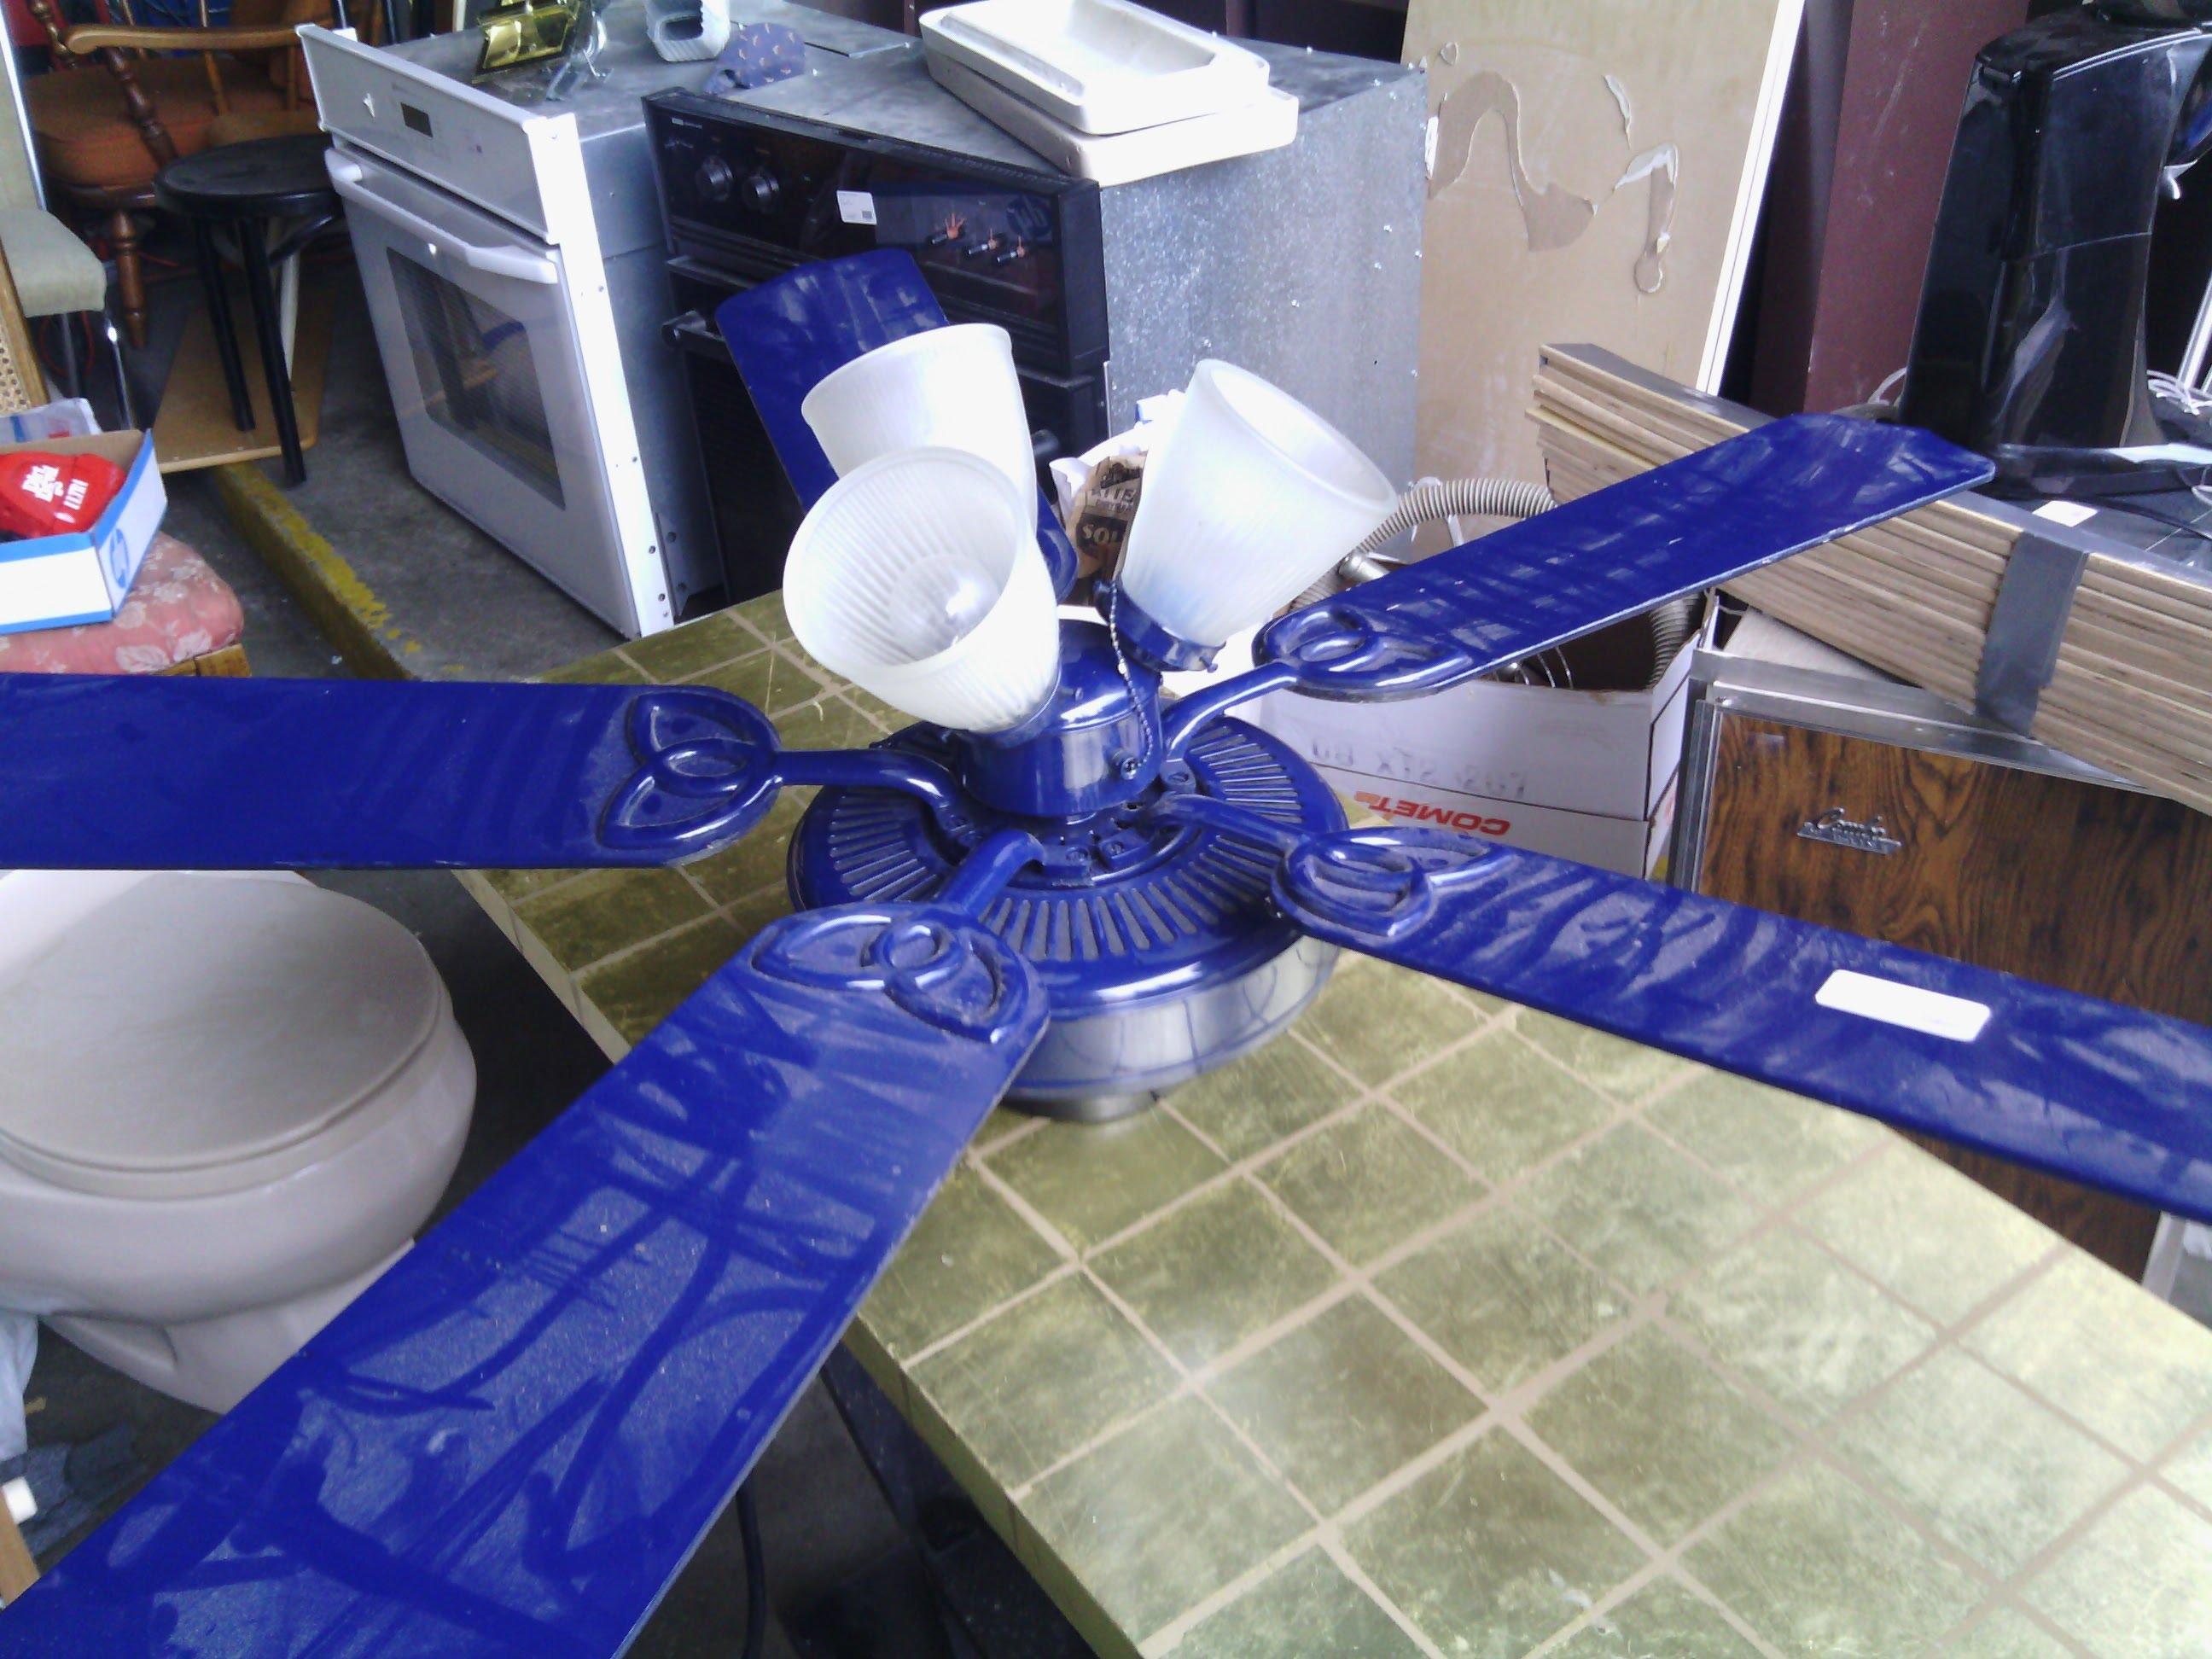 blue-ceiling-fans-photo-12